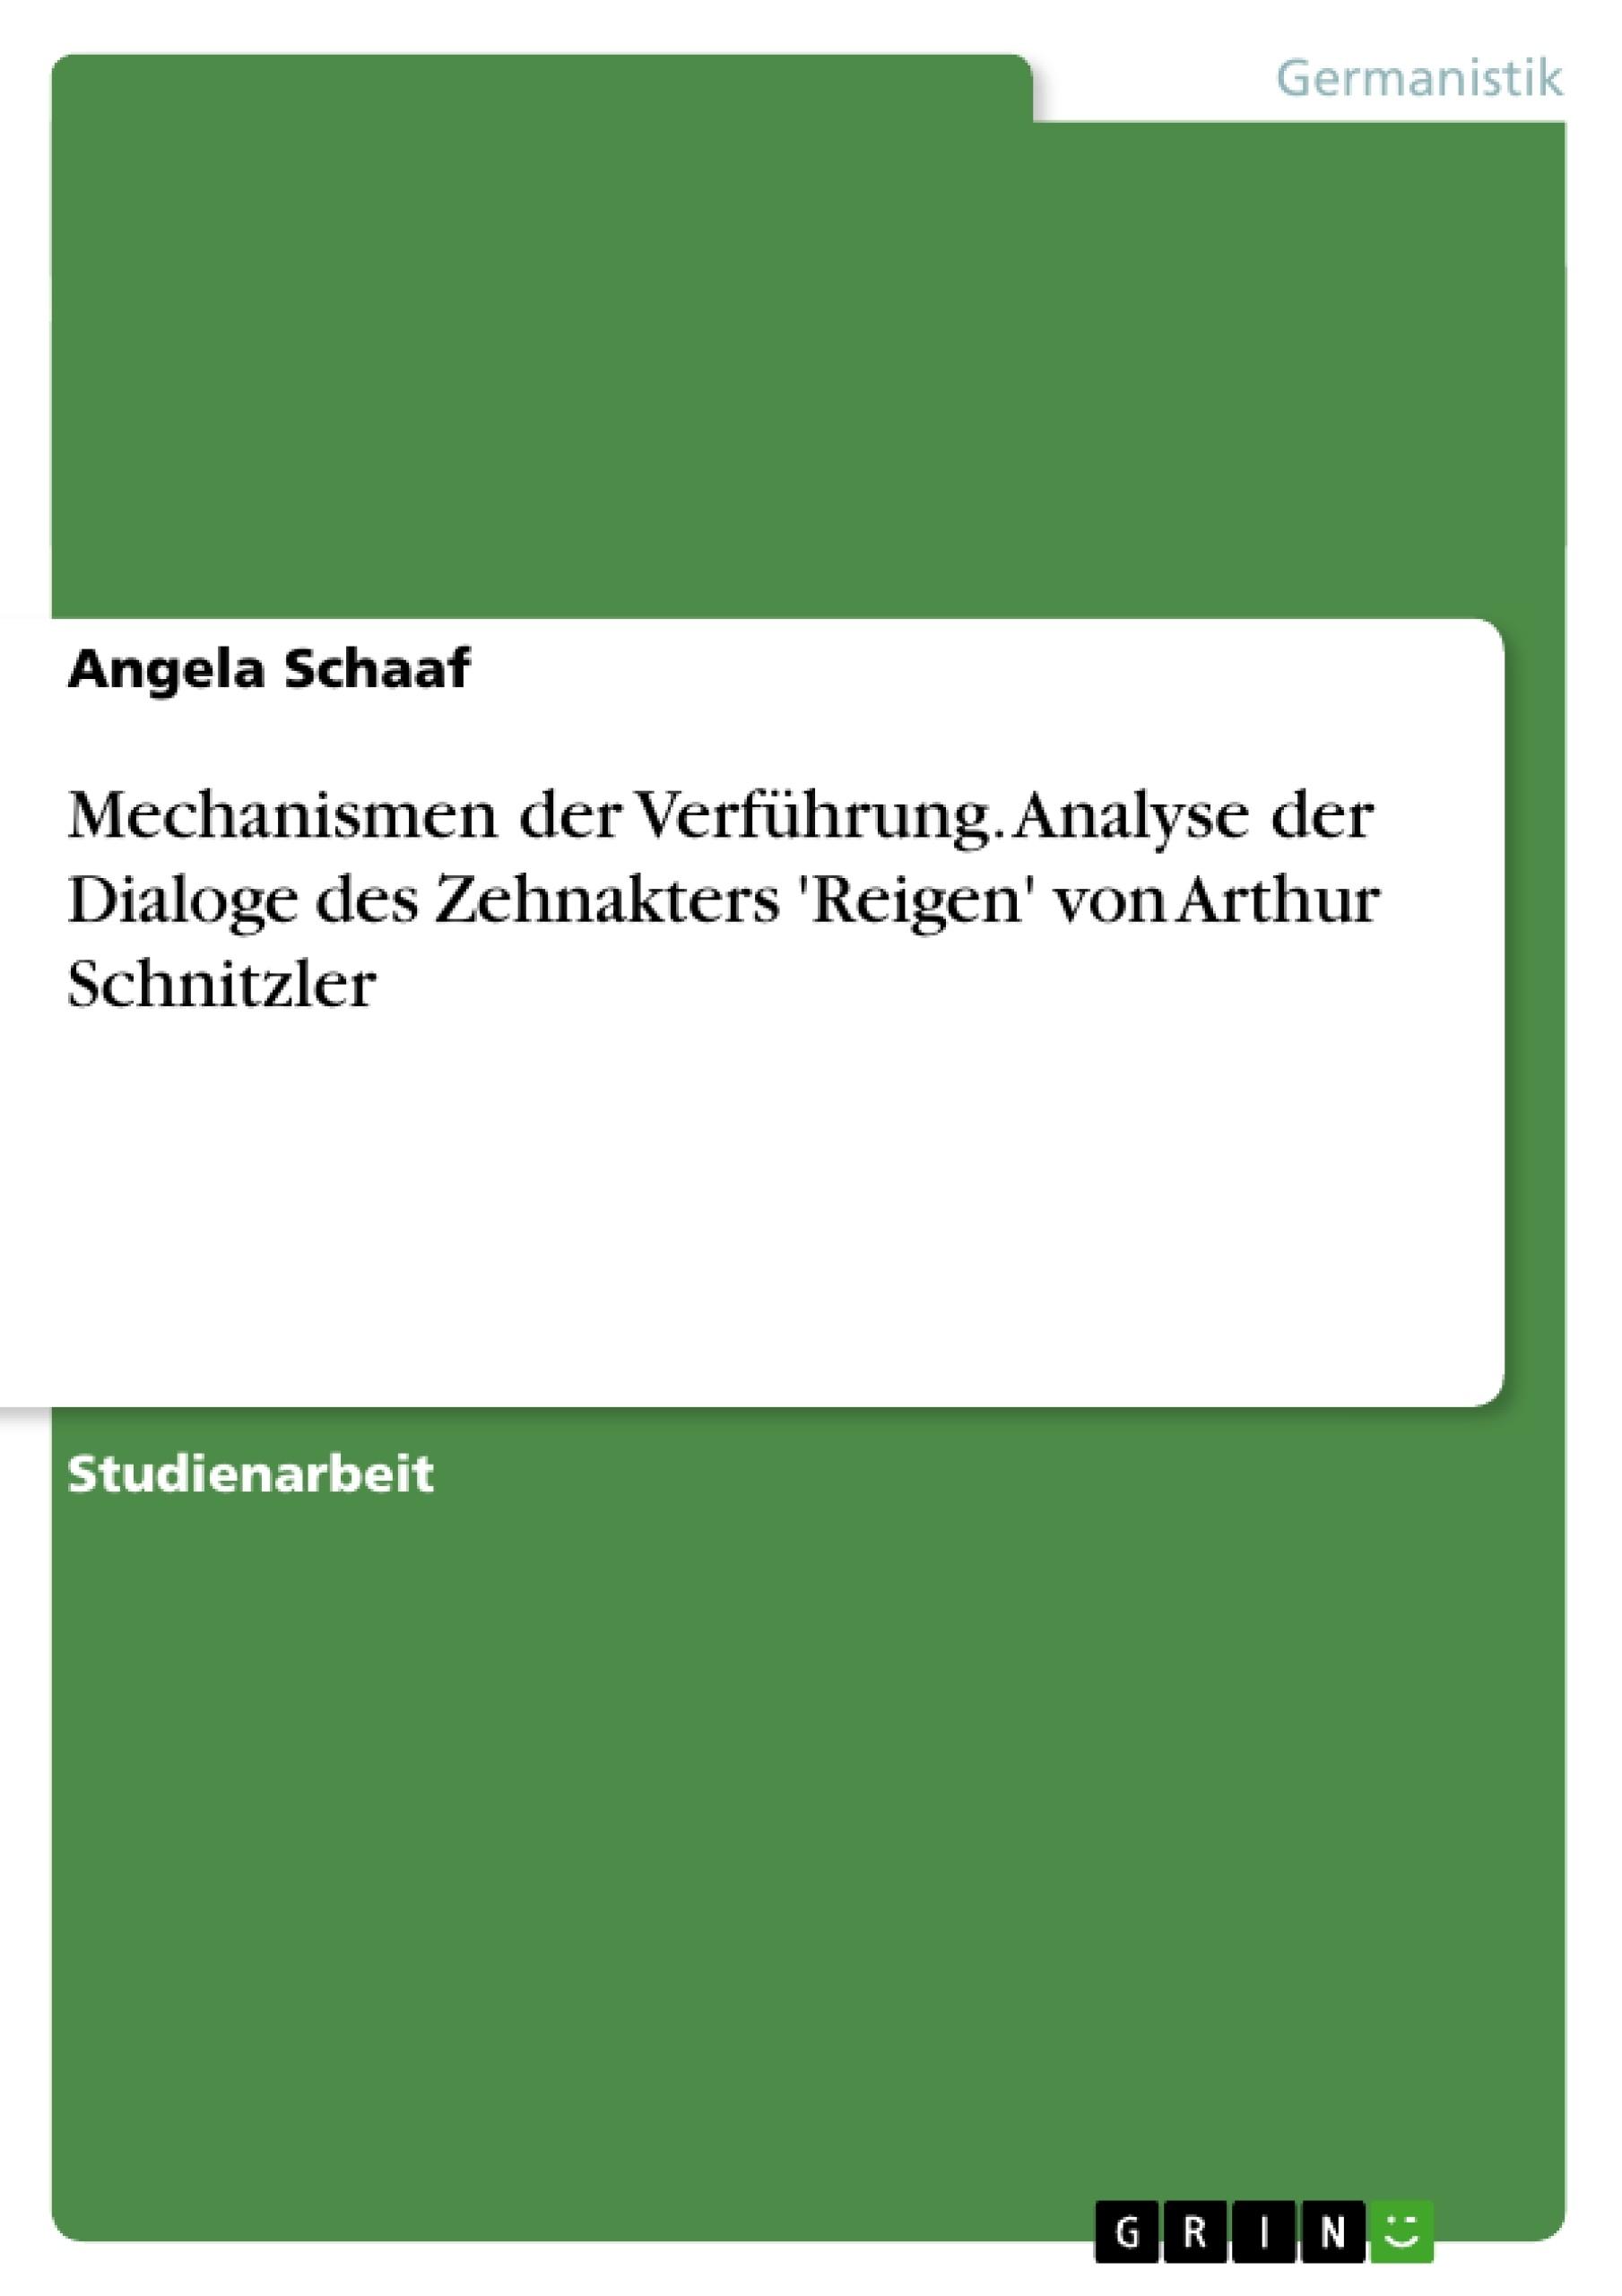 Titel: Mechanismen der Verführung. Analyse der Dialoge des Zehnakters 'Reigen' von Arthur Schnitzler